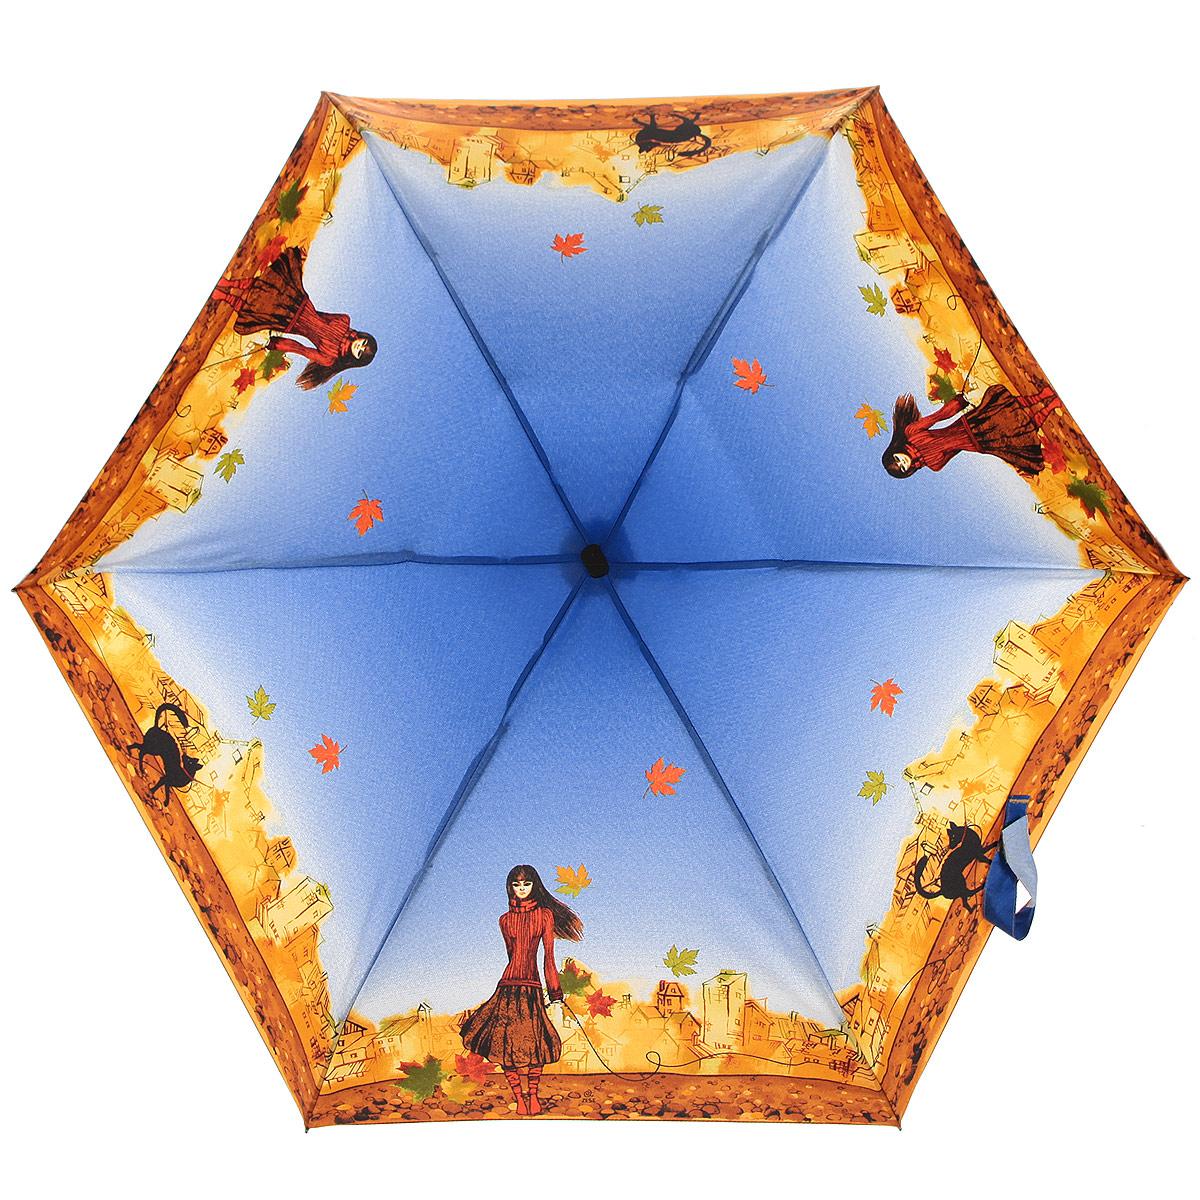 Зонт женский Zest, цвет: оранжевый, красный, голубой. 25516-8027Колье (короткие одноярусные бусы)Компактный женский зонт ZEST выполнен из металла, пластика и оформлен ярким принтом.Каркас зонта выполнен из шести спиц, стержень из стали. На концах спиц предусмотрены металлические элементы, которые защитят владельца от травм. Купол зонта изготовлен прочного полиэстера. Закрытый купол застегивается на липучку хлястиком. Практичная рукоятка закругленной формы разработана с учетом требований эргономики и выполнена из пластика.Зонт складывается и раскладывается механическим способом.Такой зонт не только надежно защитит от дождя, но и станет стильным аксессуаром.